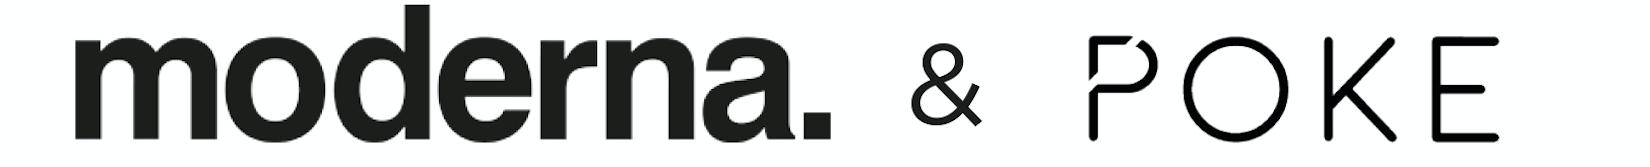 logo_moderna_pokestudio.jpg